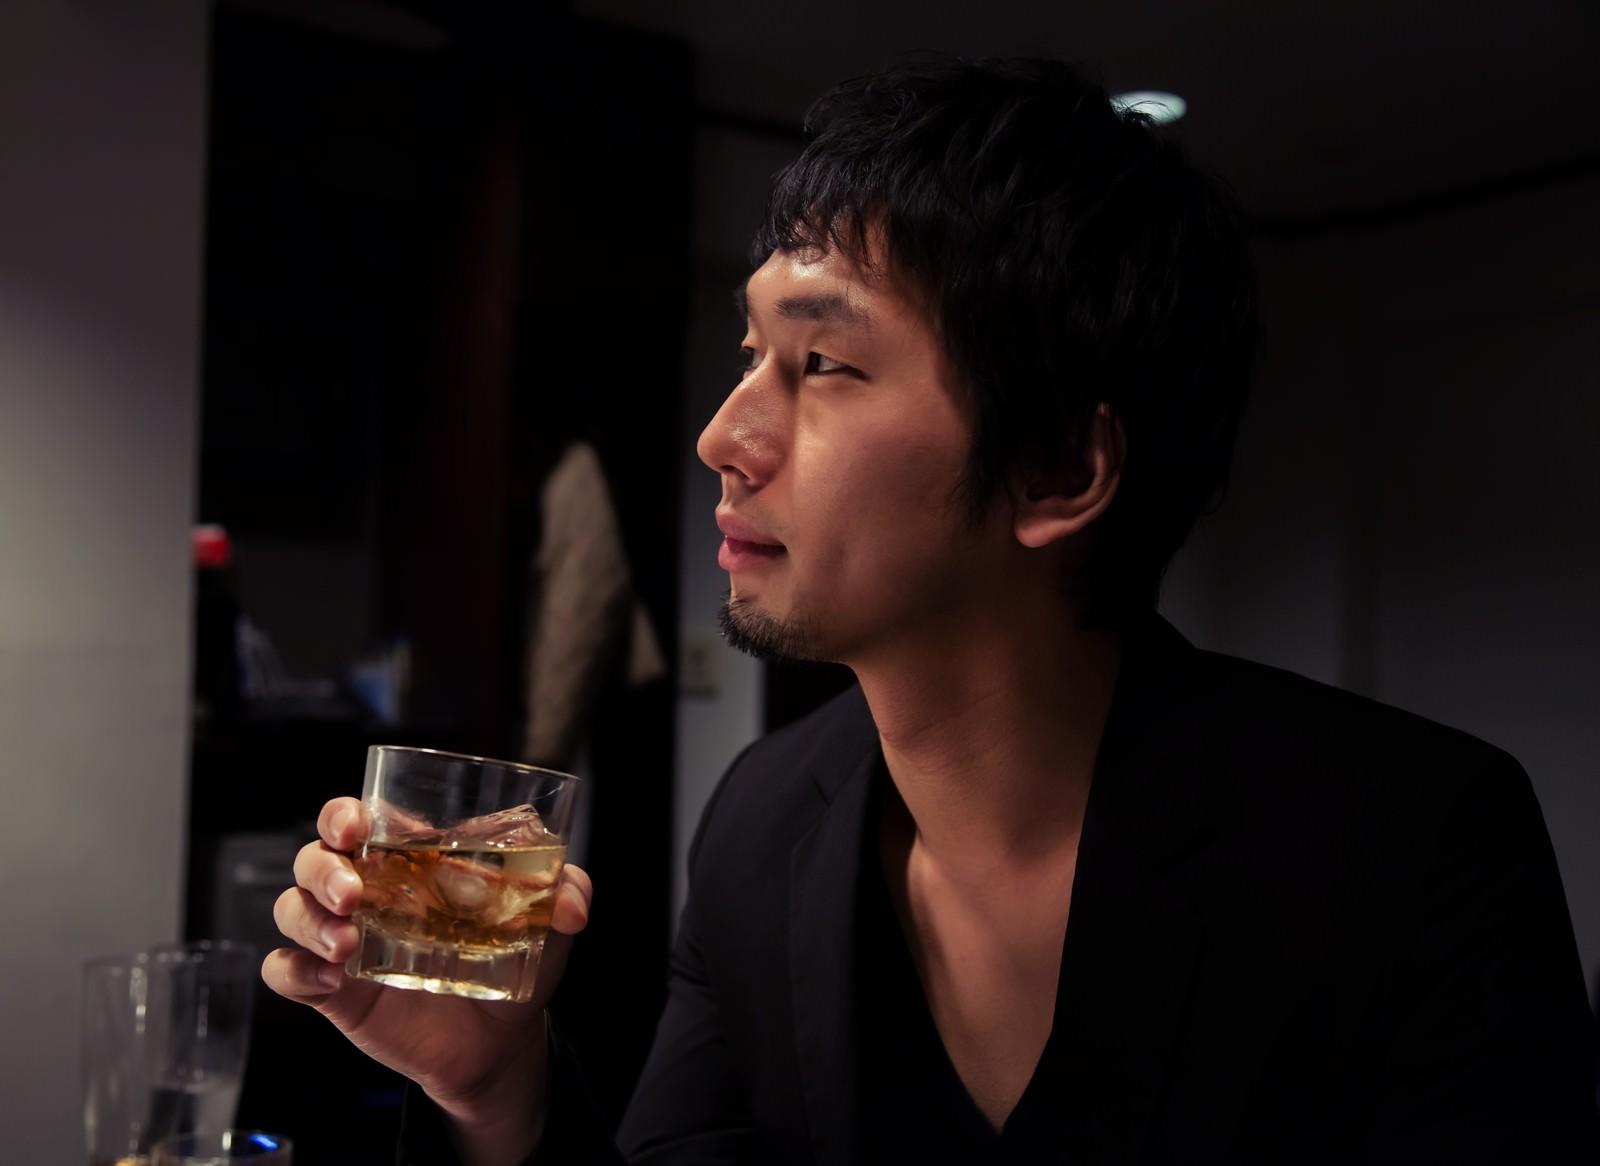 「隠れ家的なお店でお酒を愉しむIT長者風の男性」の写真[モデル:大川竜弥]